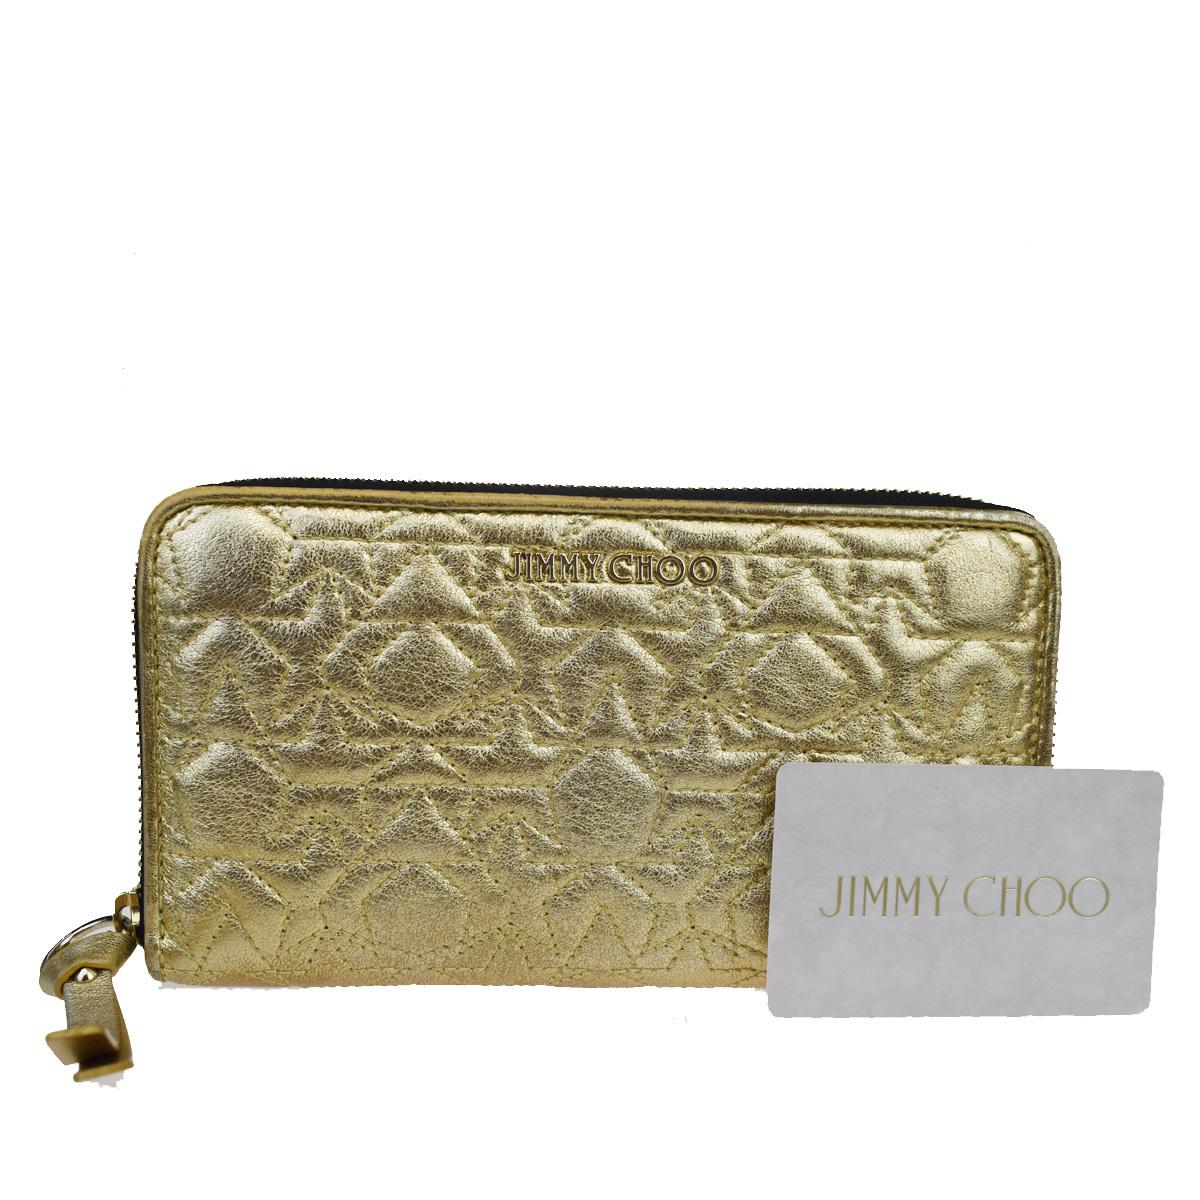 ジミーチュウ(Jimmy Choo) ジッパー レザー 長財布(二つ折り) ゴールド